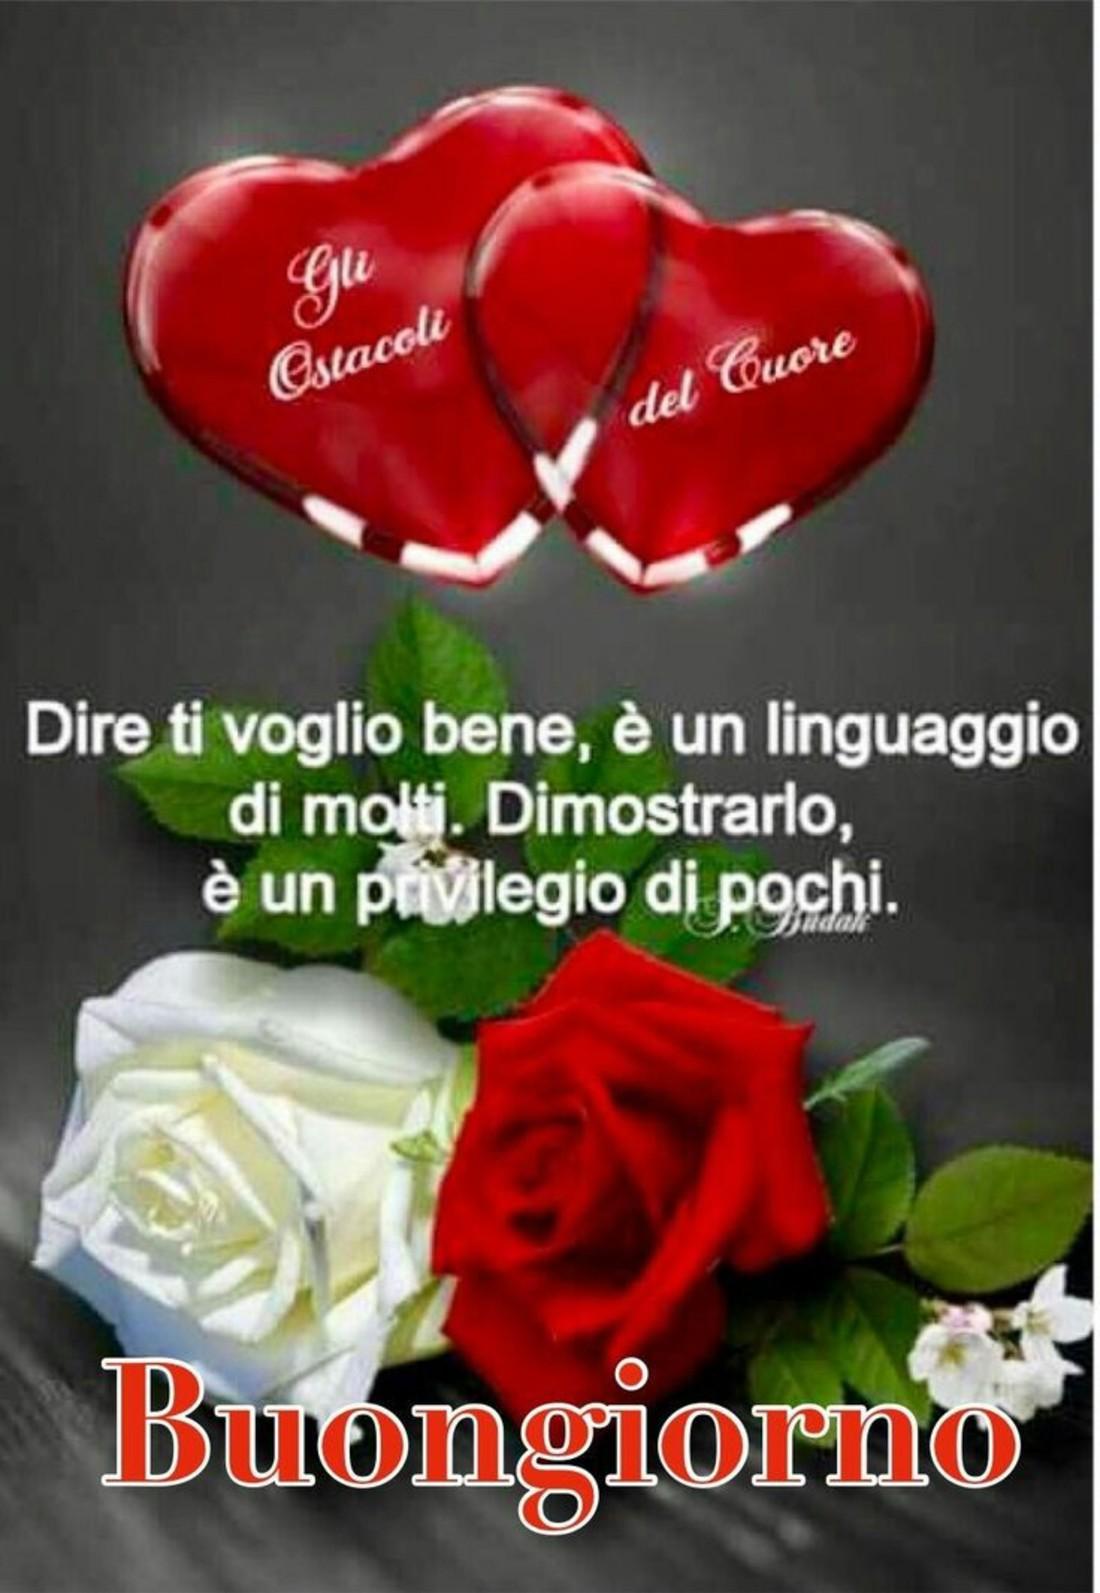 Frasi Buongiorno Ad Una Persona Speciale 7897 Bellissimeimmagini It